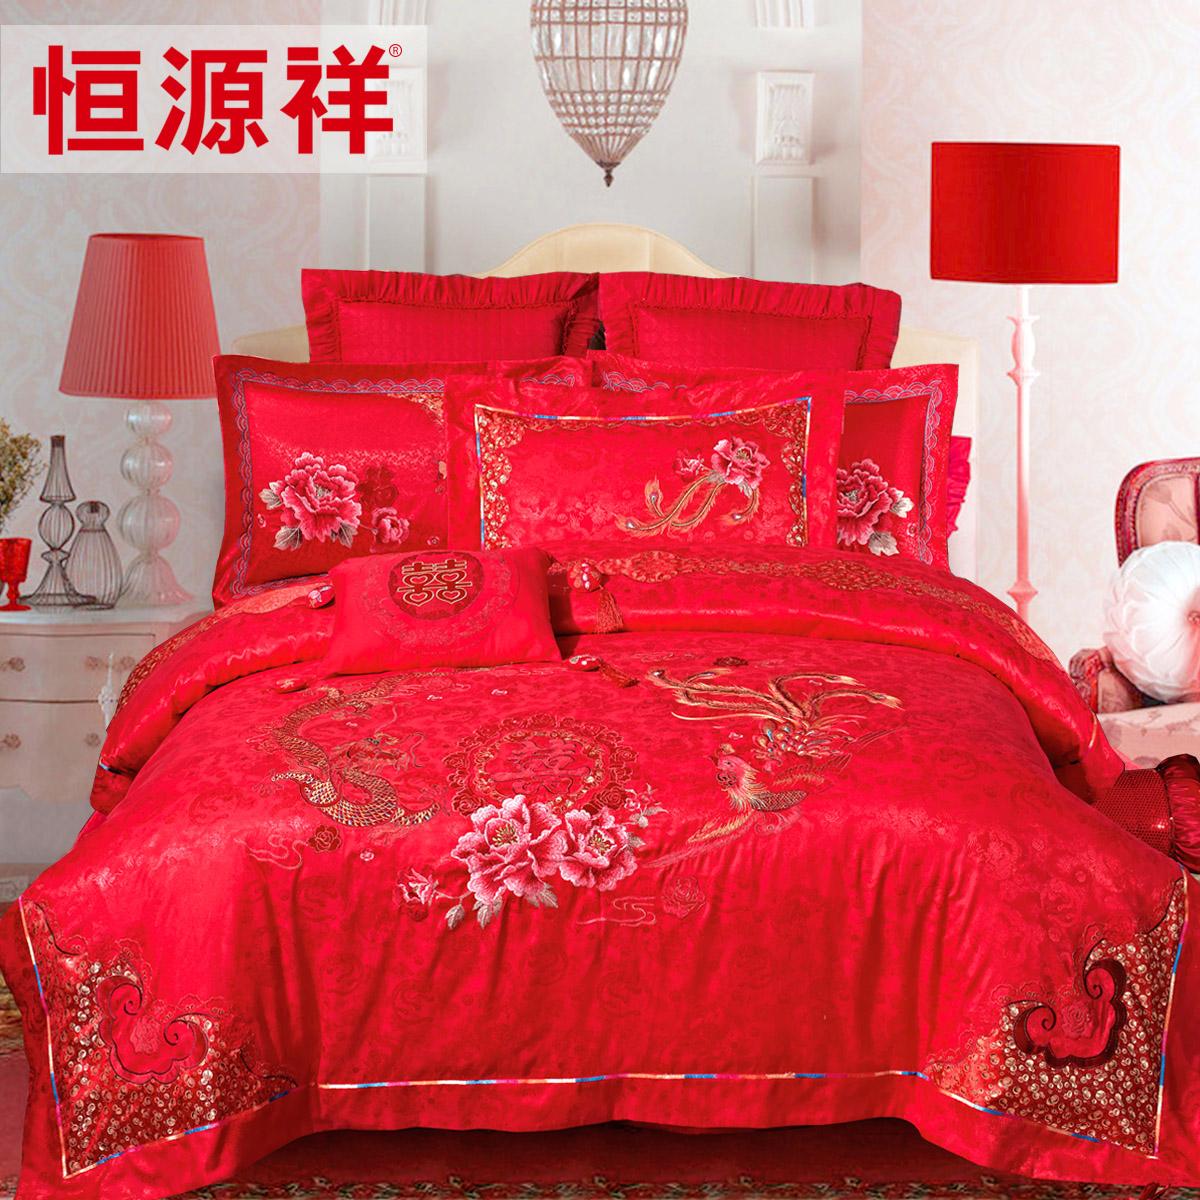 恒源祥床上用品结婚床品绣花新婚庆四件套大红色床单被套4件套